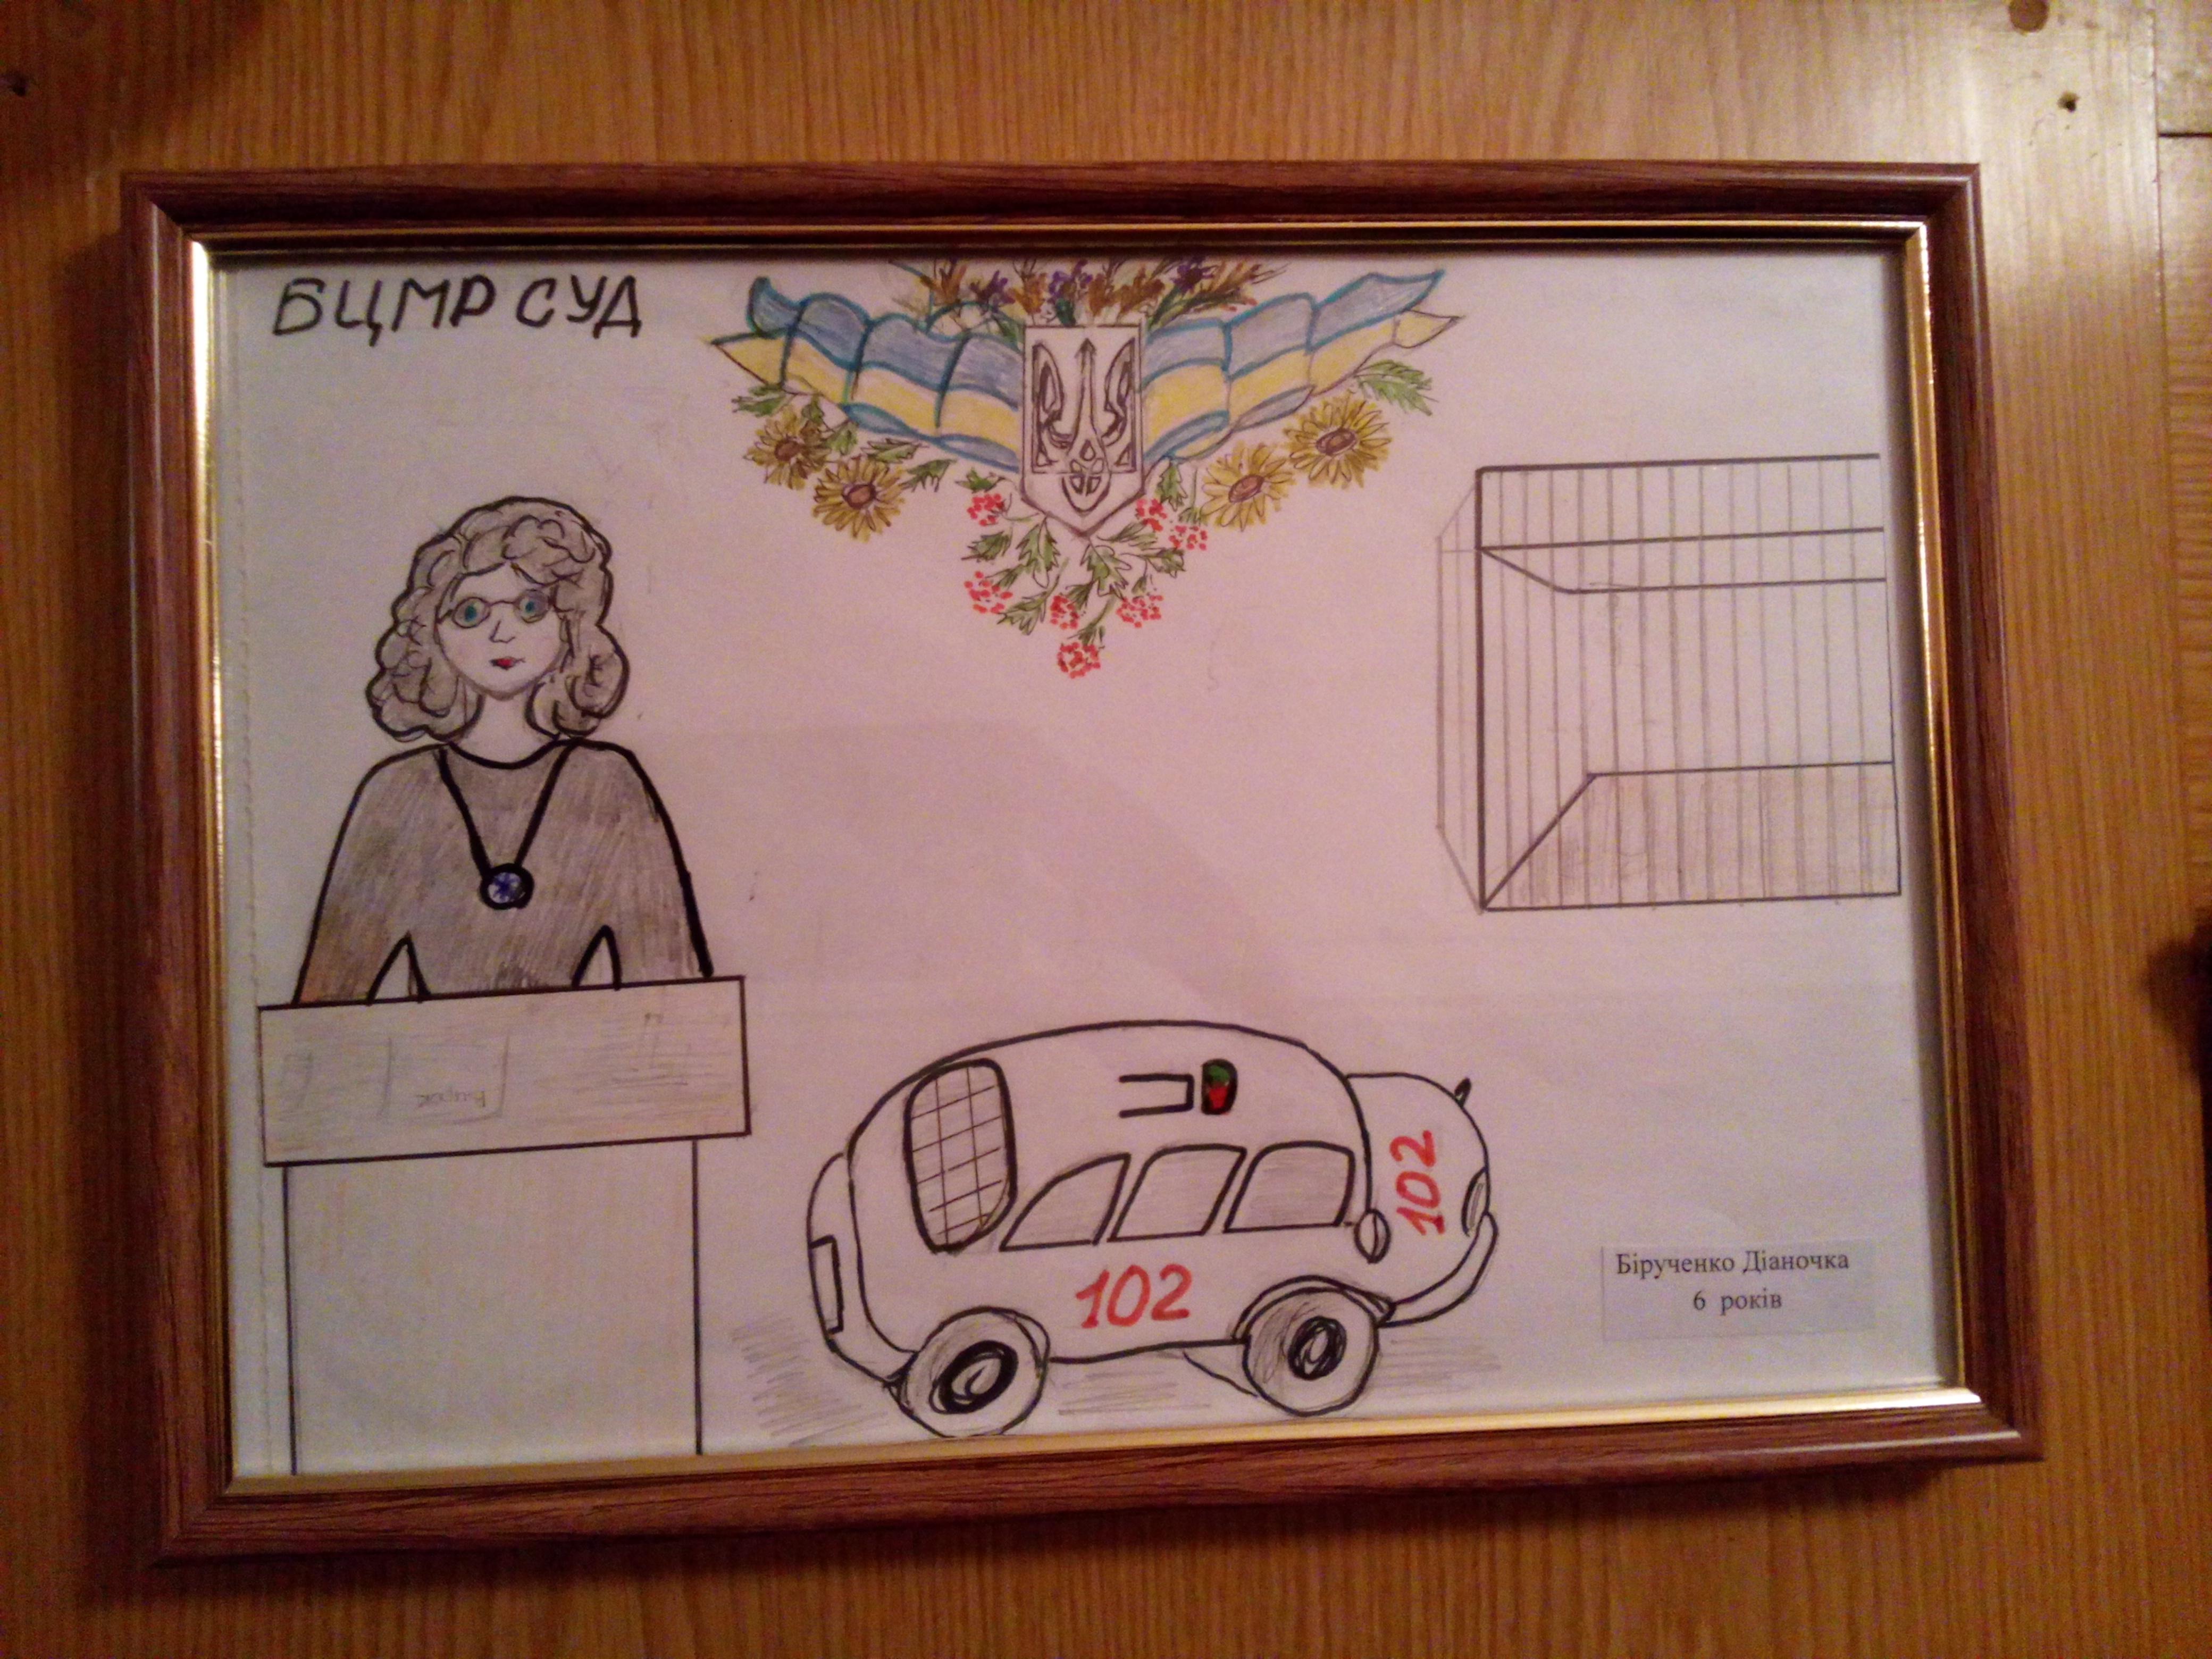 Бірученко Діана 6 років